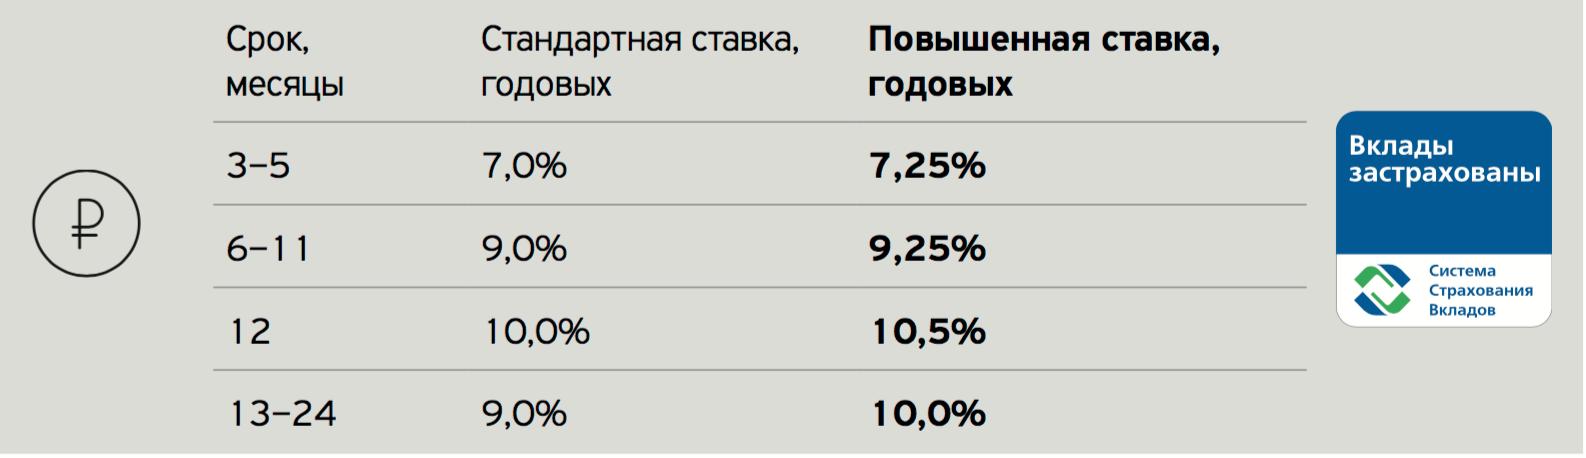 Изображение - Пополнение вклада от банка тинькофф %D0%A1%D0%BD%D0%B8%D0%BC%D0%BE%D0%BA-%D1%8D%D0%BA%D1%80%D0%B0%D0%BD%D0%B0-2016-04-14-%D0%B2-3.16.15